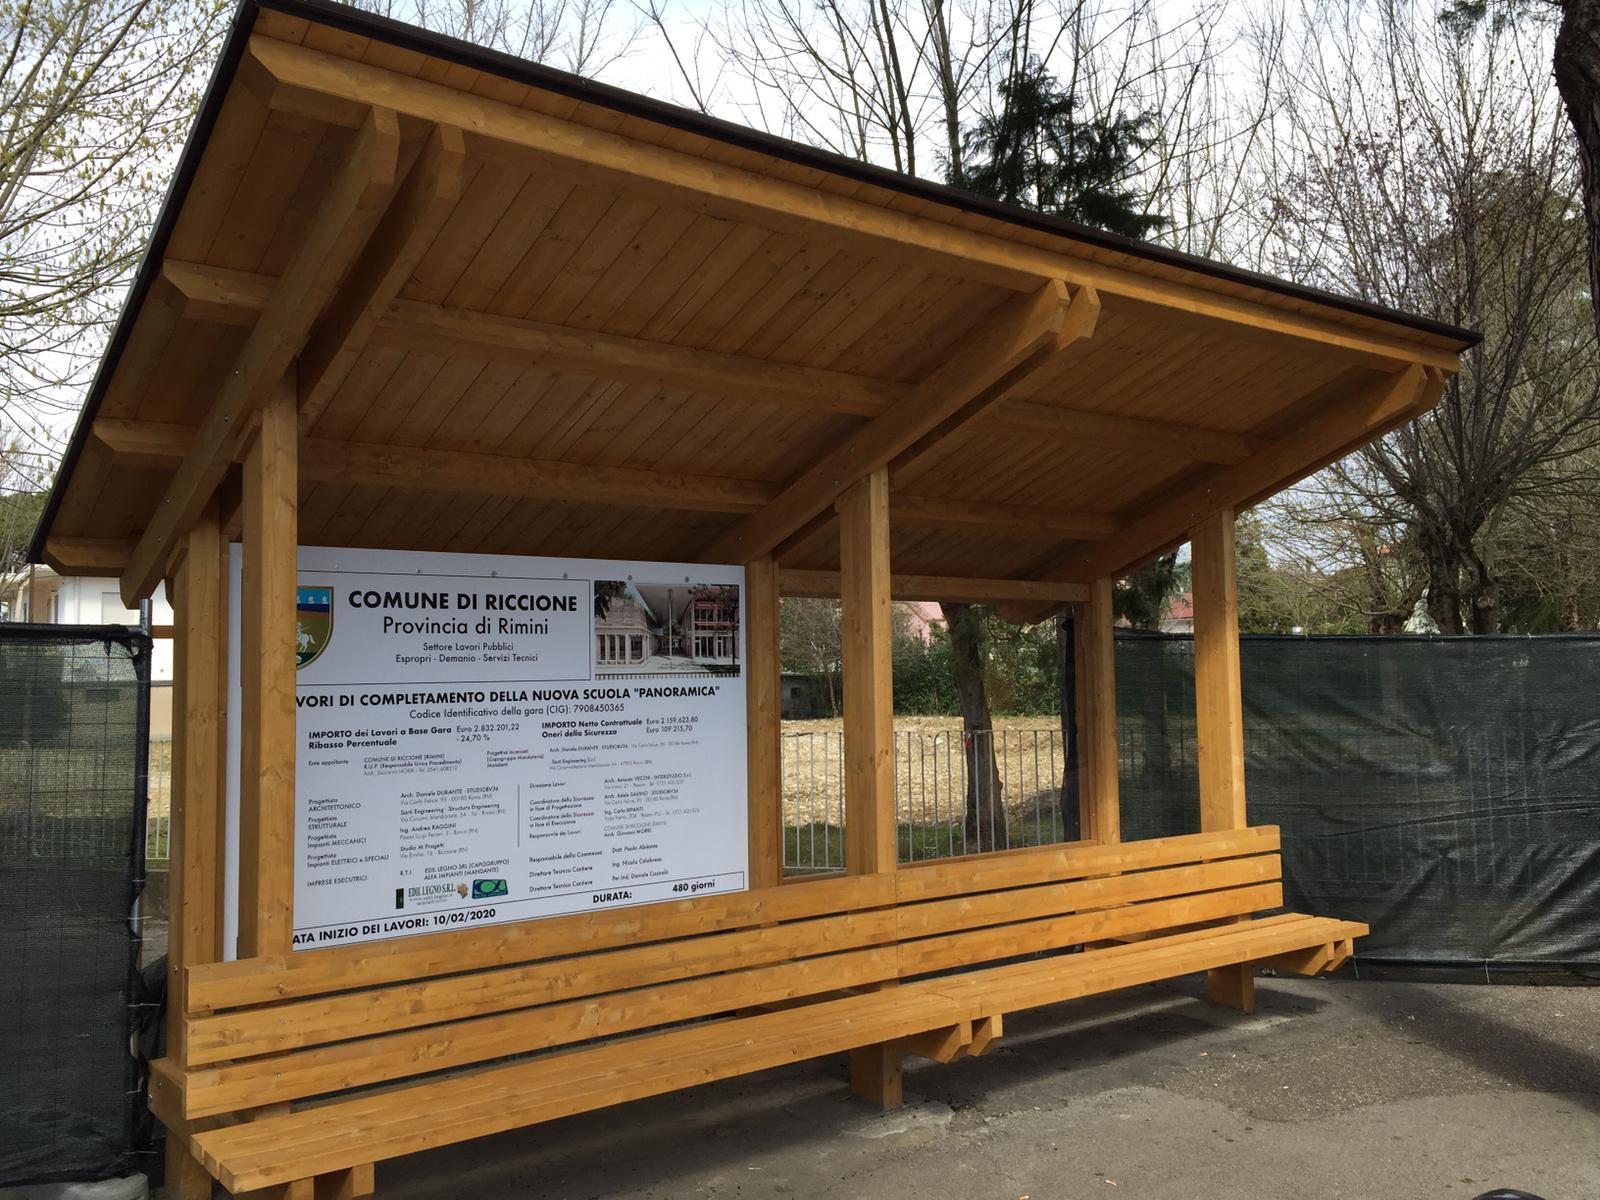 Panchina in legno alla scuola Panoramica